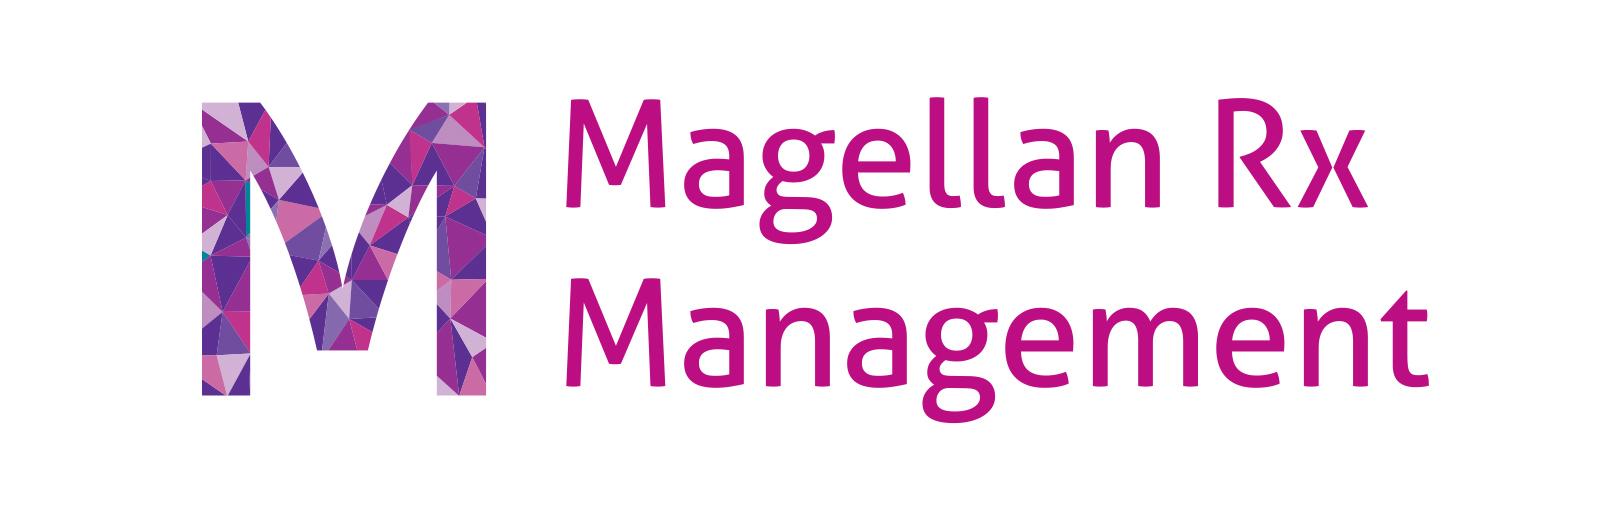 Magellan Rx Management | Magellan Health